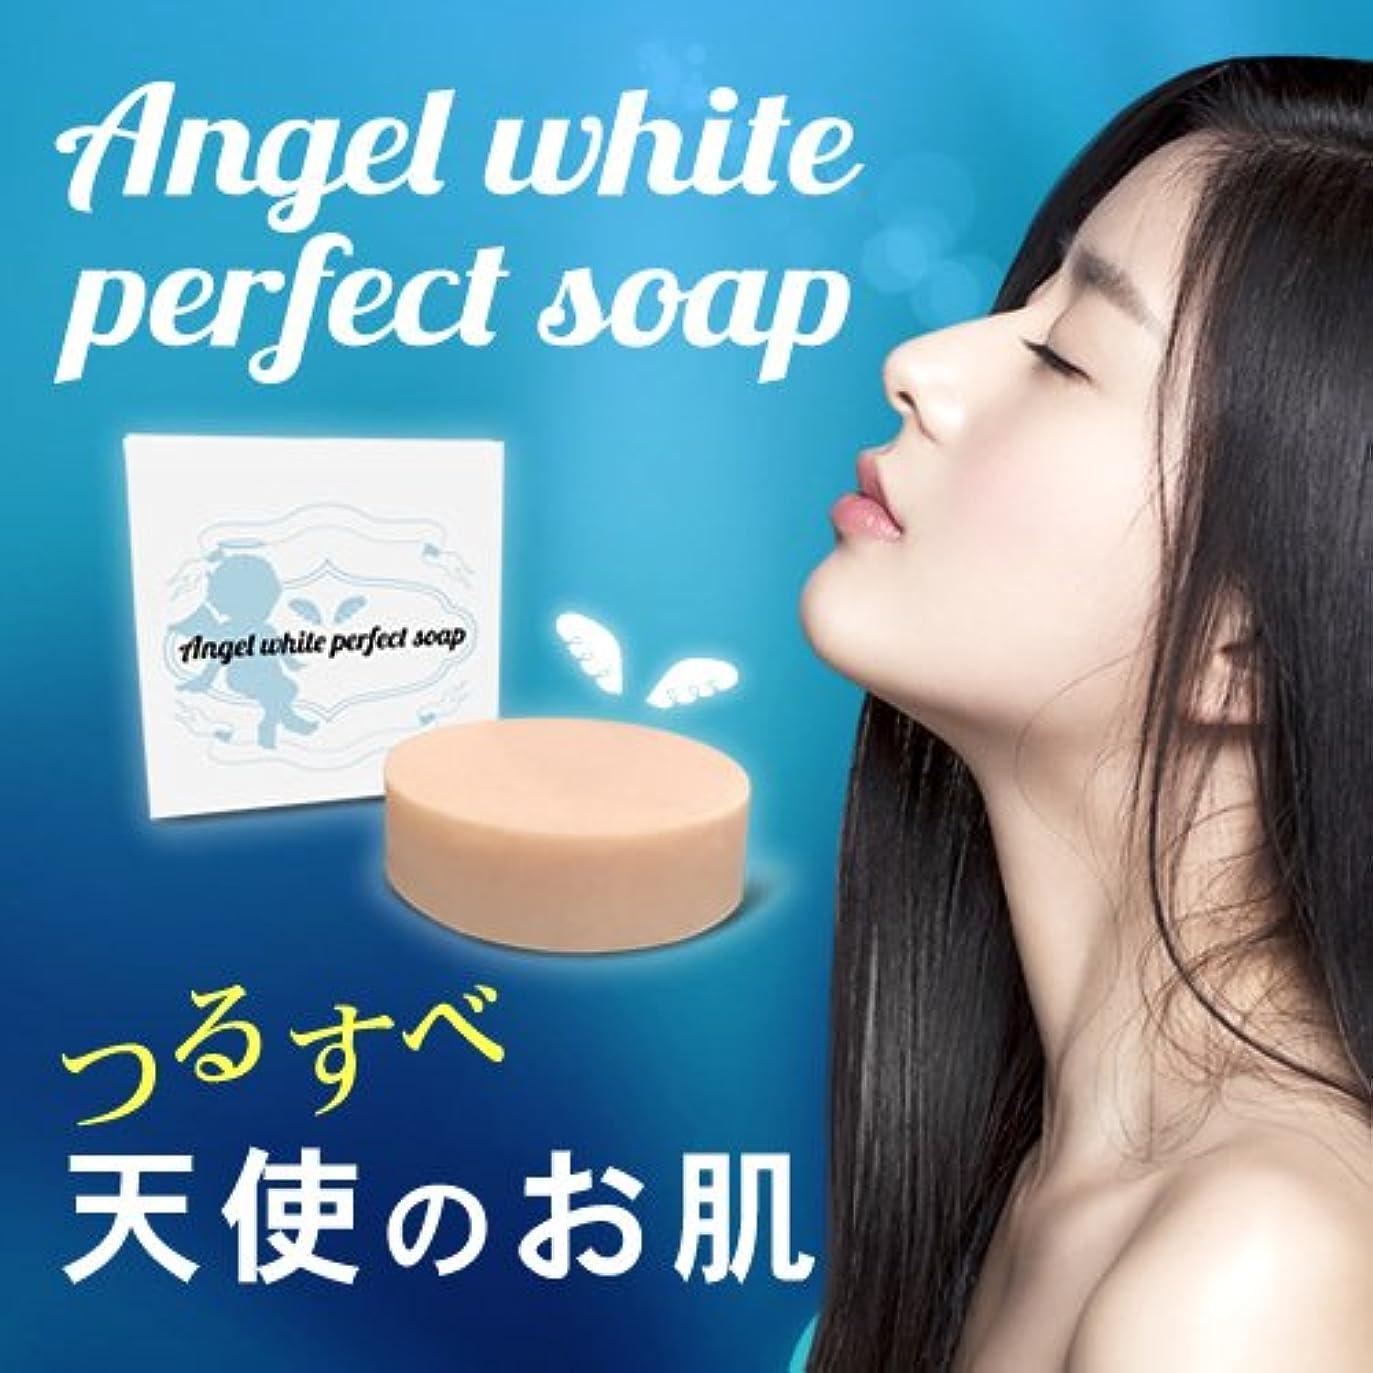 拾うシール封筒Angel White Perfect Soap(エンジェルホワイトパーフェクトソープ) 美白 美白石けん 美肌 洗顔石鹸